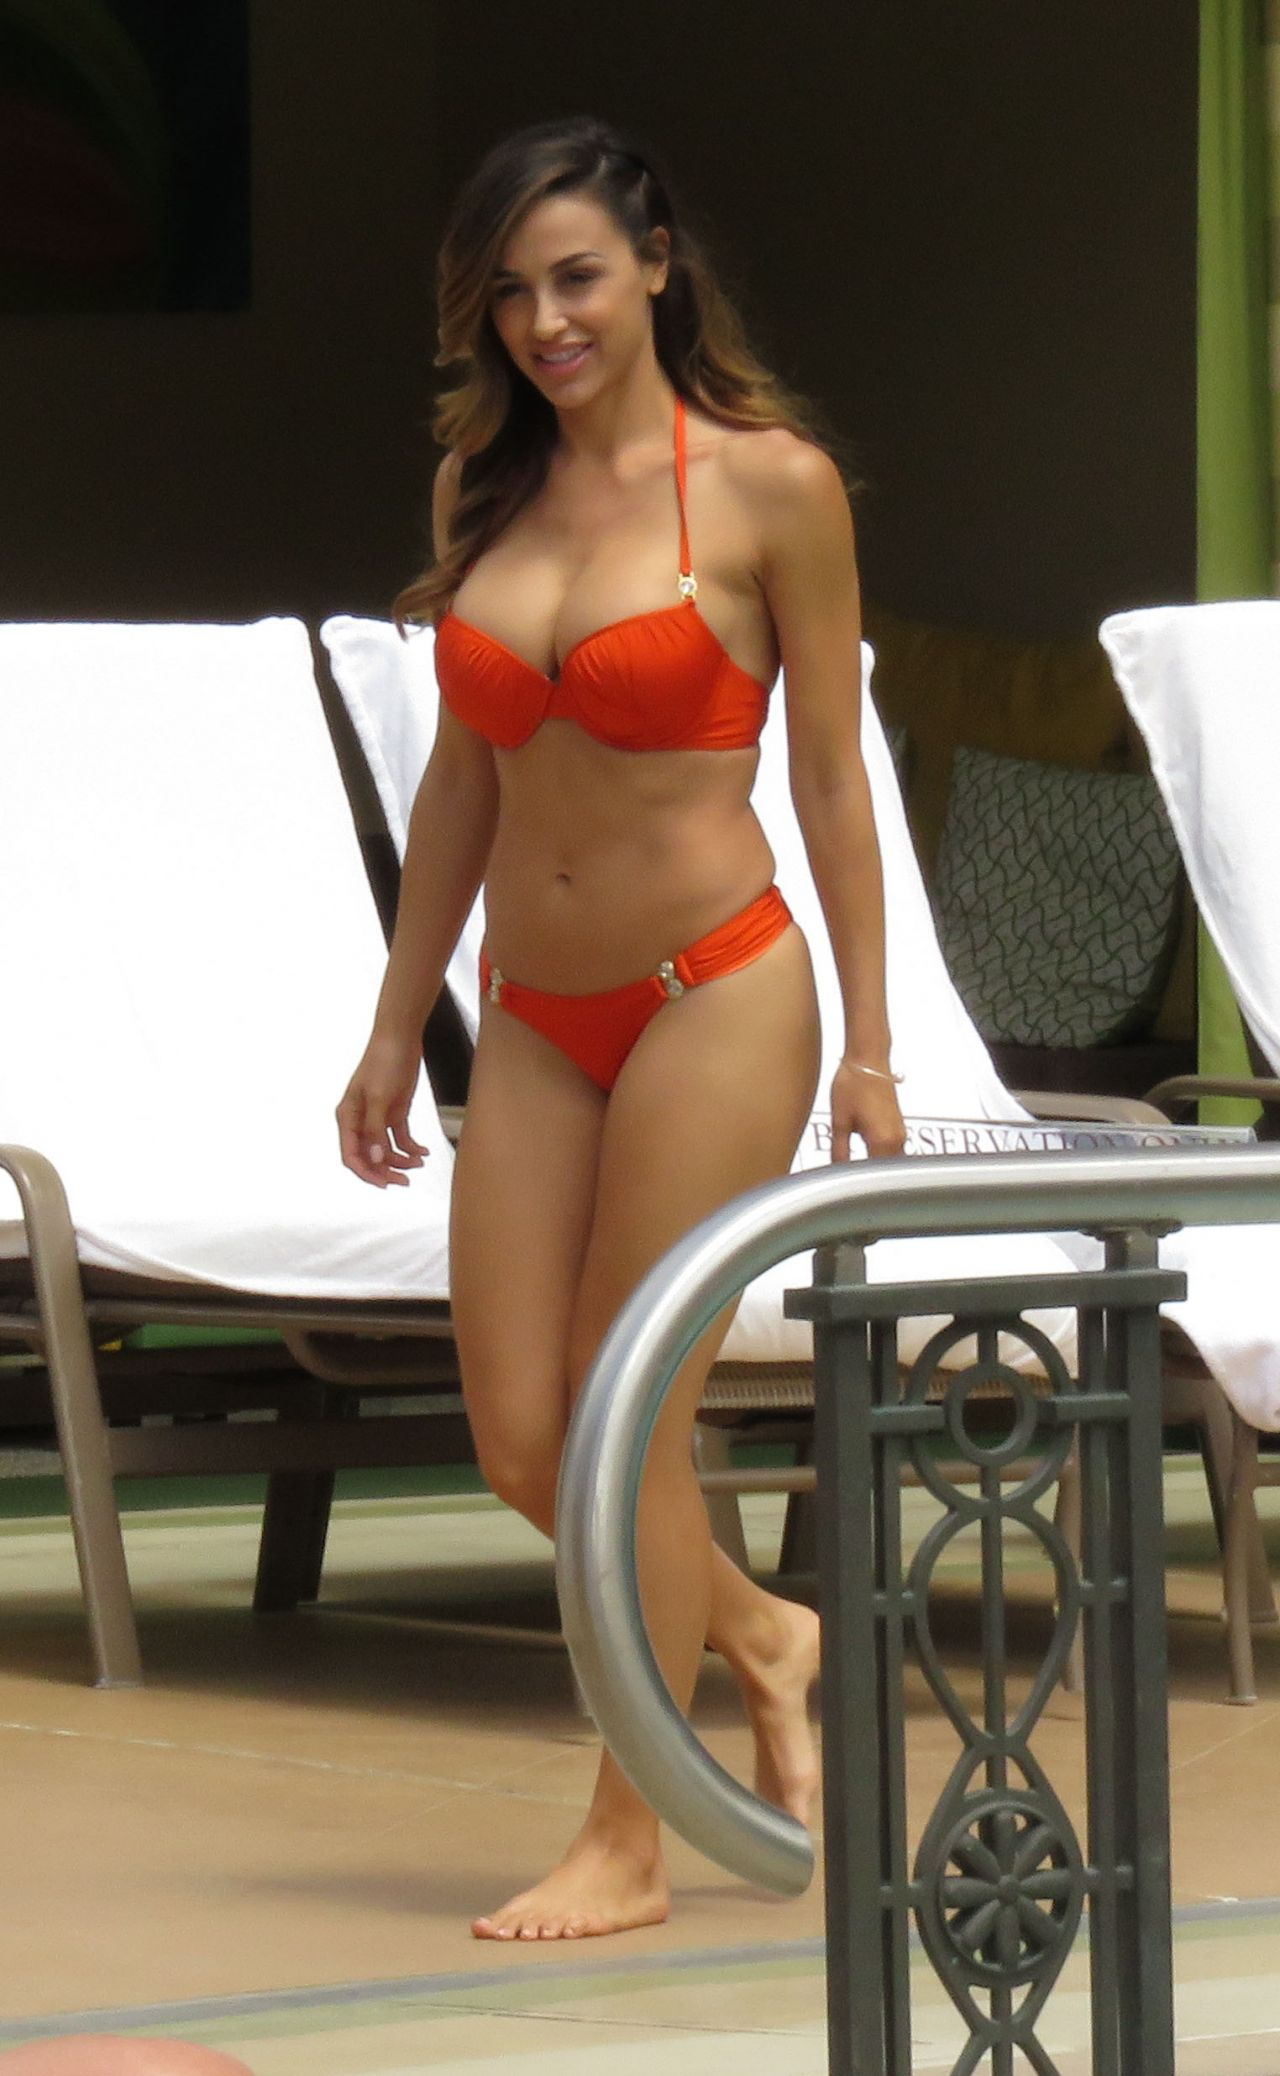 Ana Cheri Hot in Bikini - at the Pool in Las Vegas, May 2015